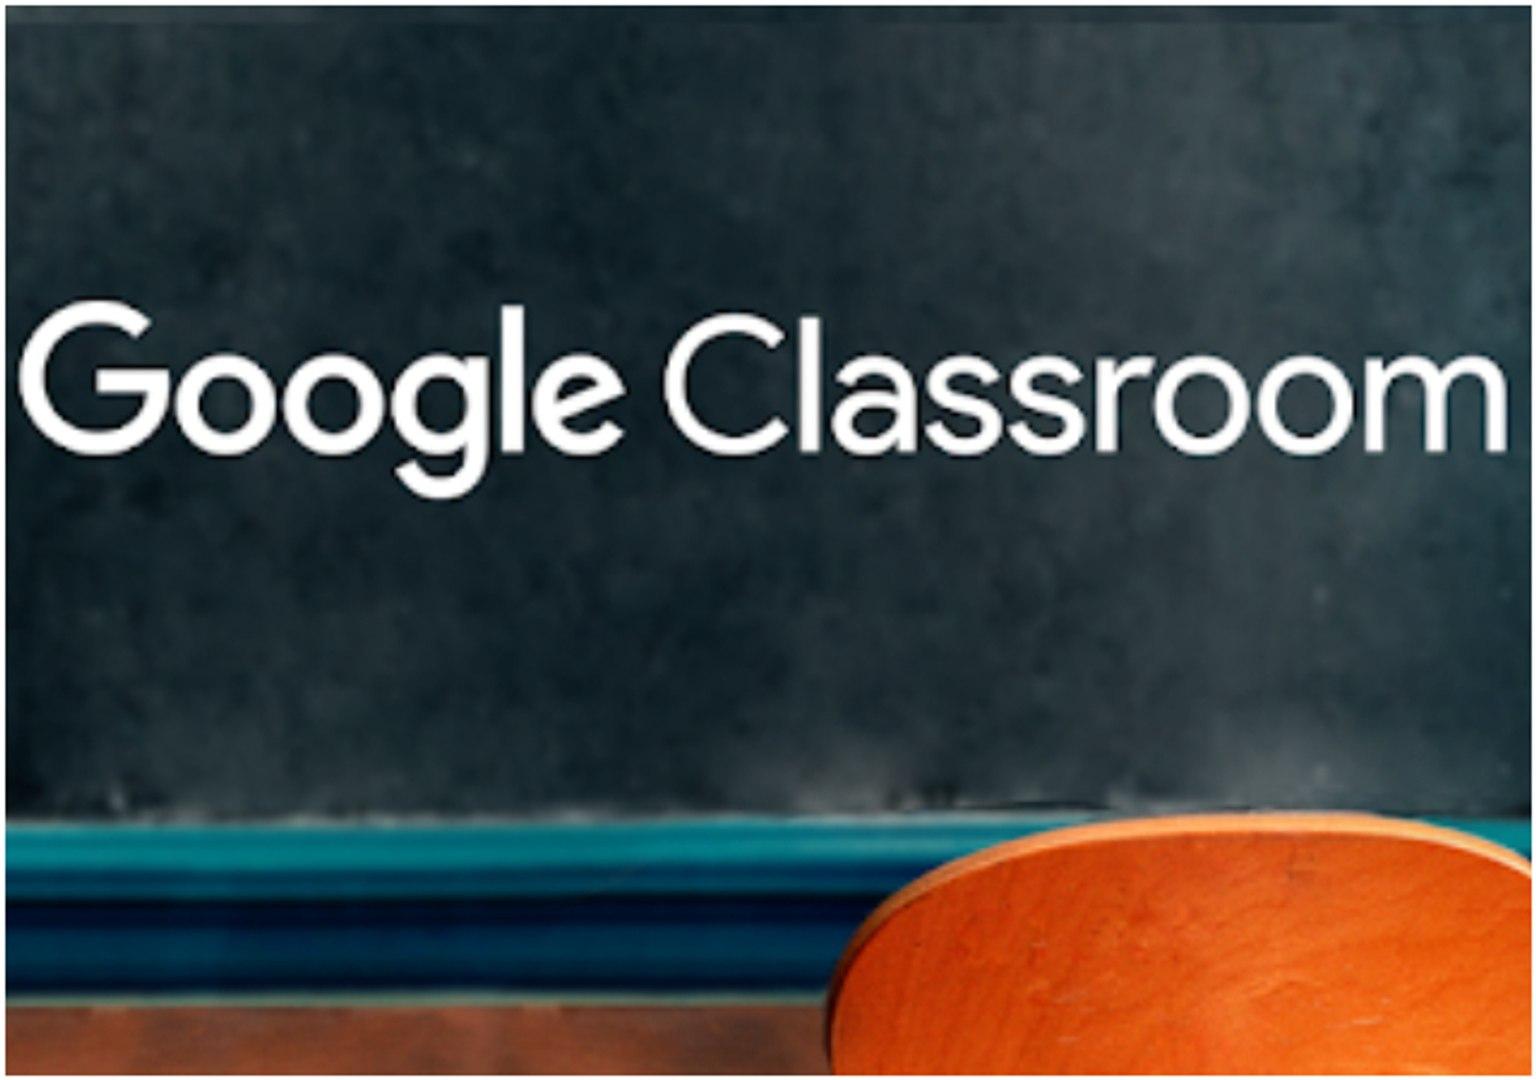 طريقة تنزيل والاشتراك والاستخدام لجوجل كلاس روم Google Classroom